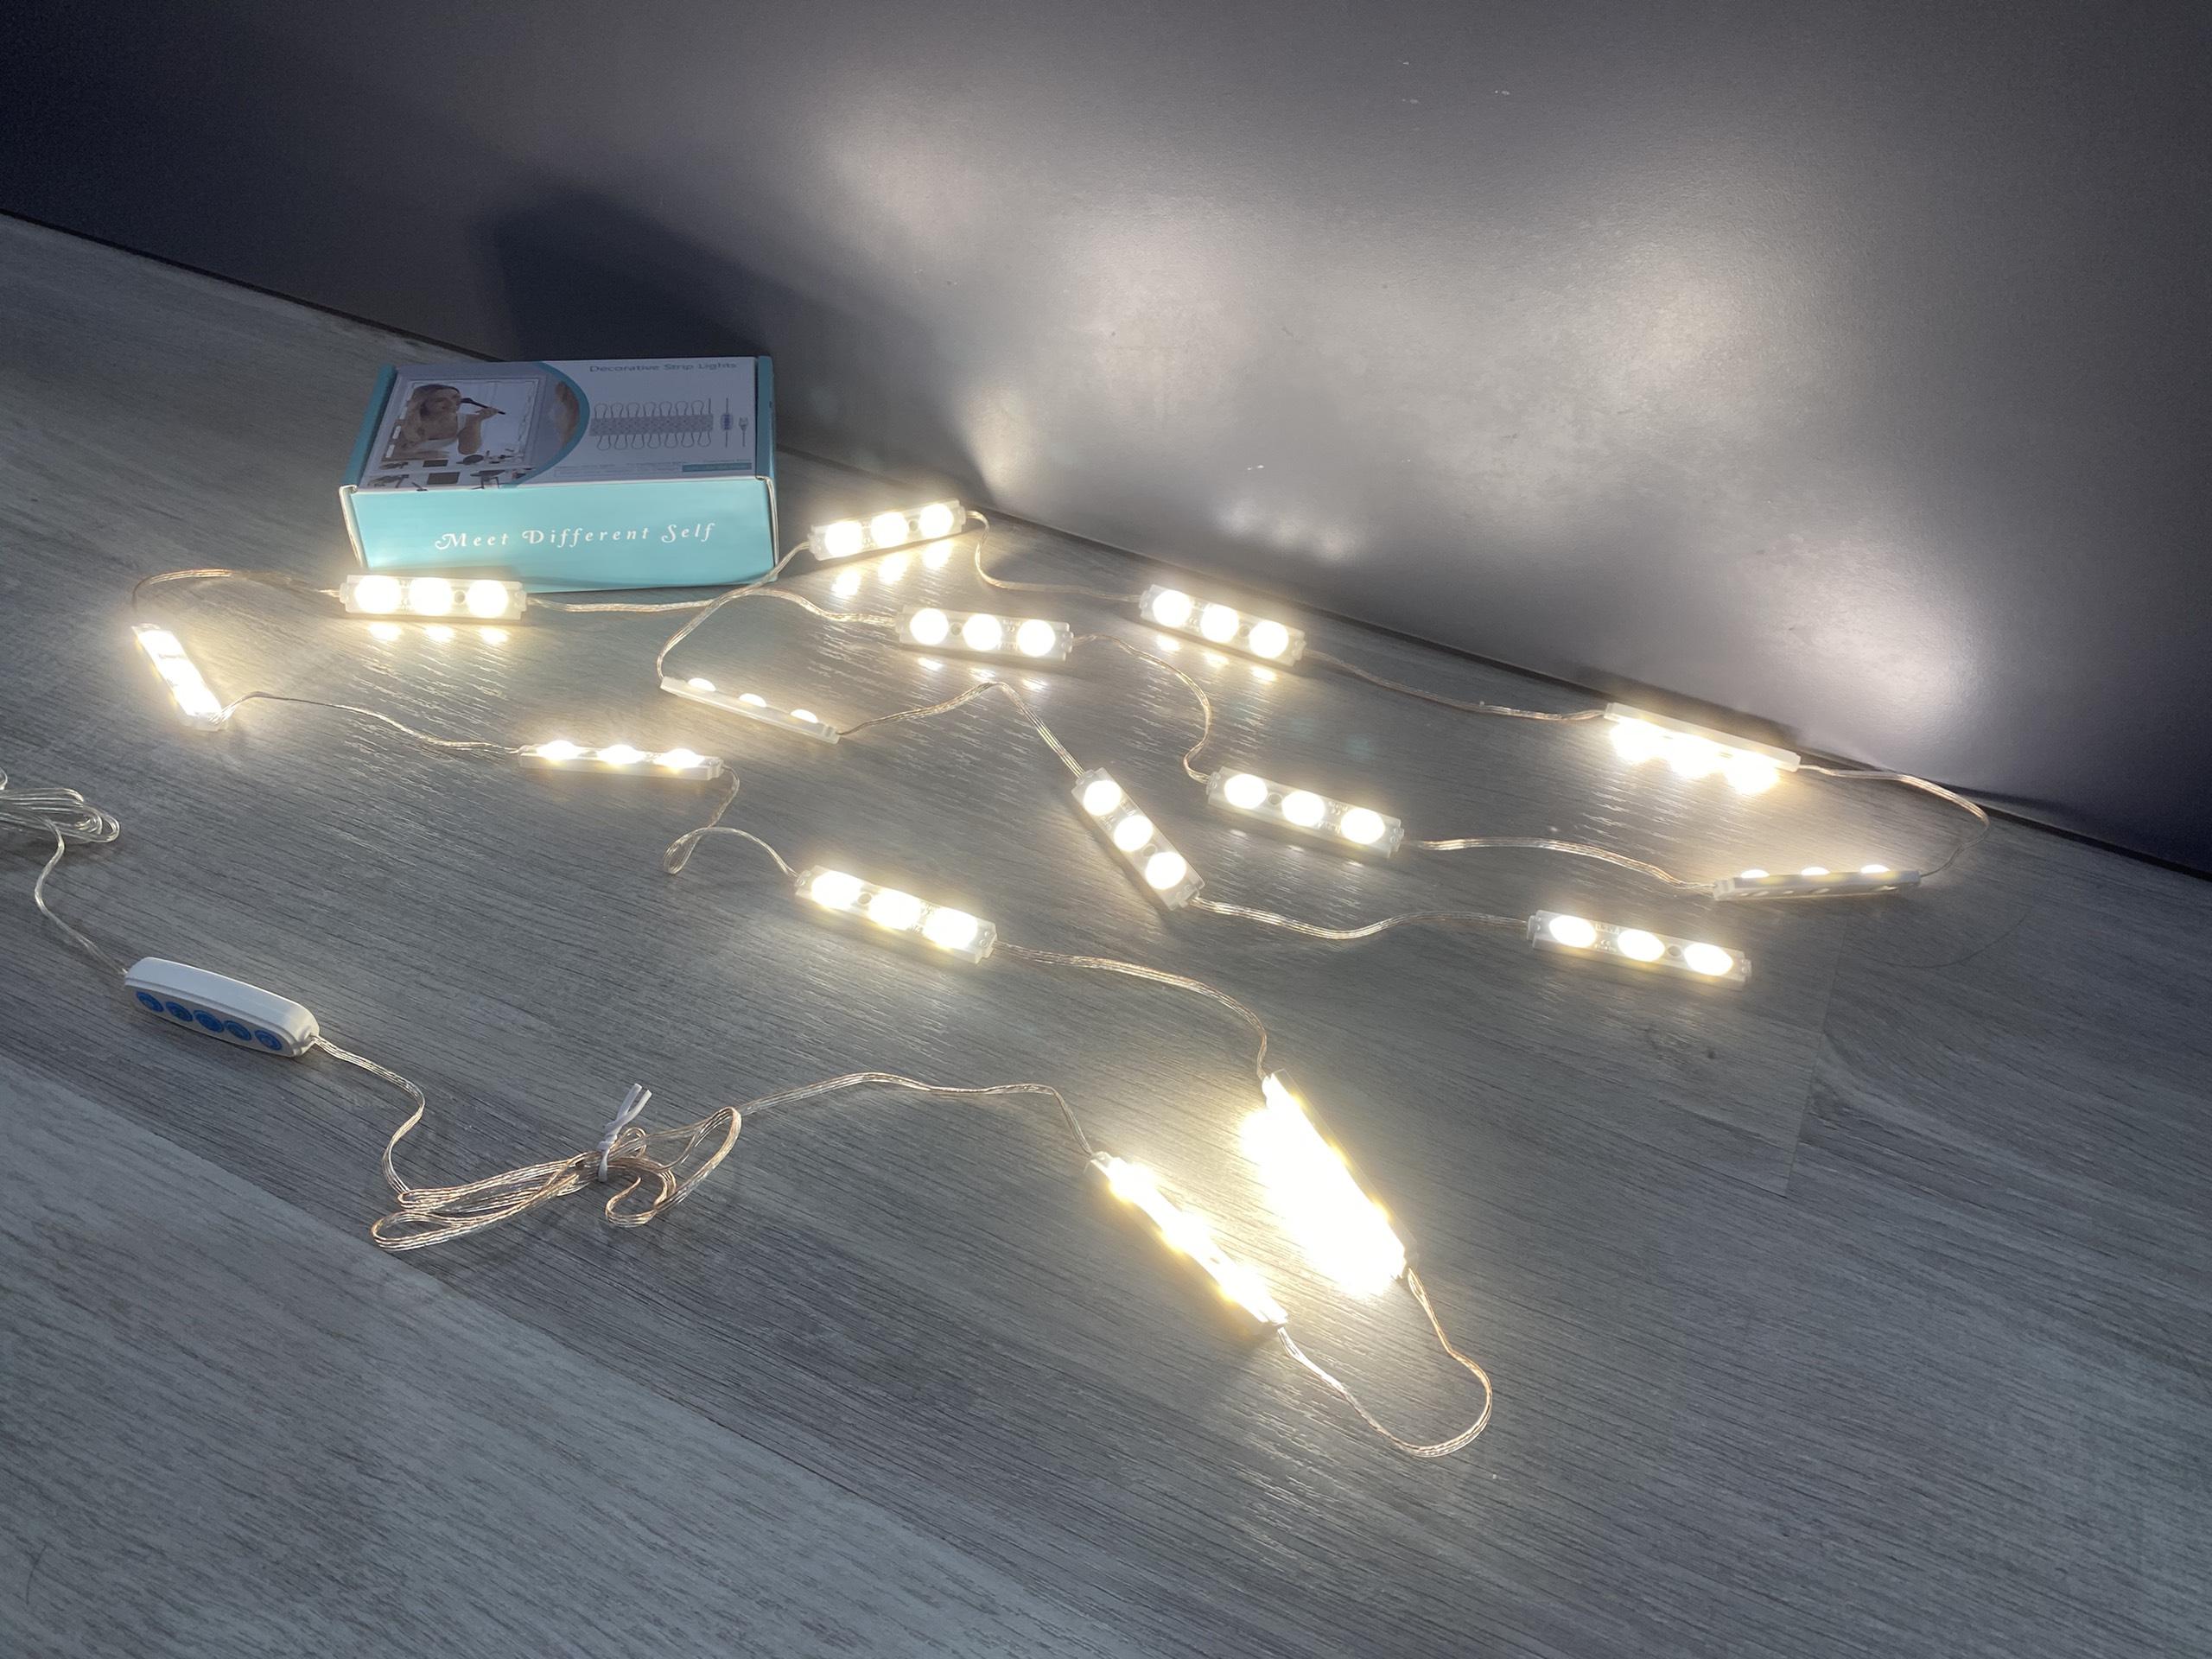 Bộ 15 thanh led 3 mắt dán gương trang điểm dán tủ kính tiện lợi siêu sáng - 5 chế độ sáng tăng giảm độ sáng BL-032 Video